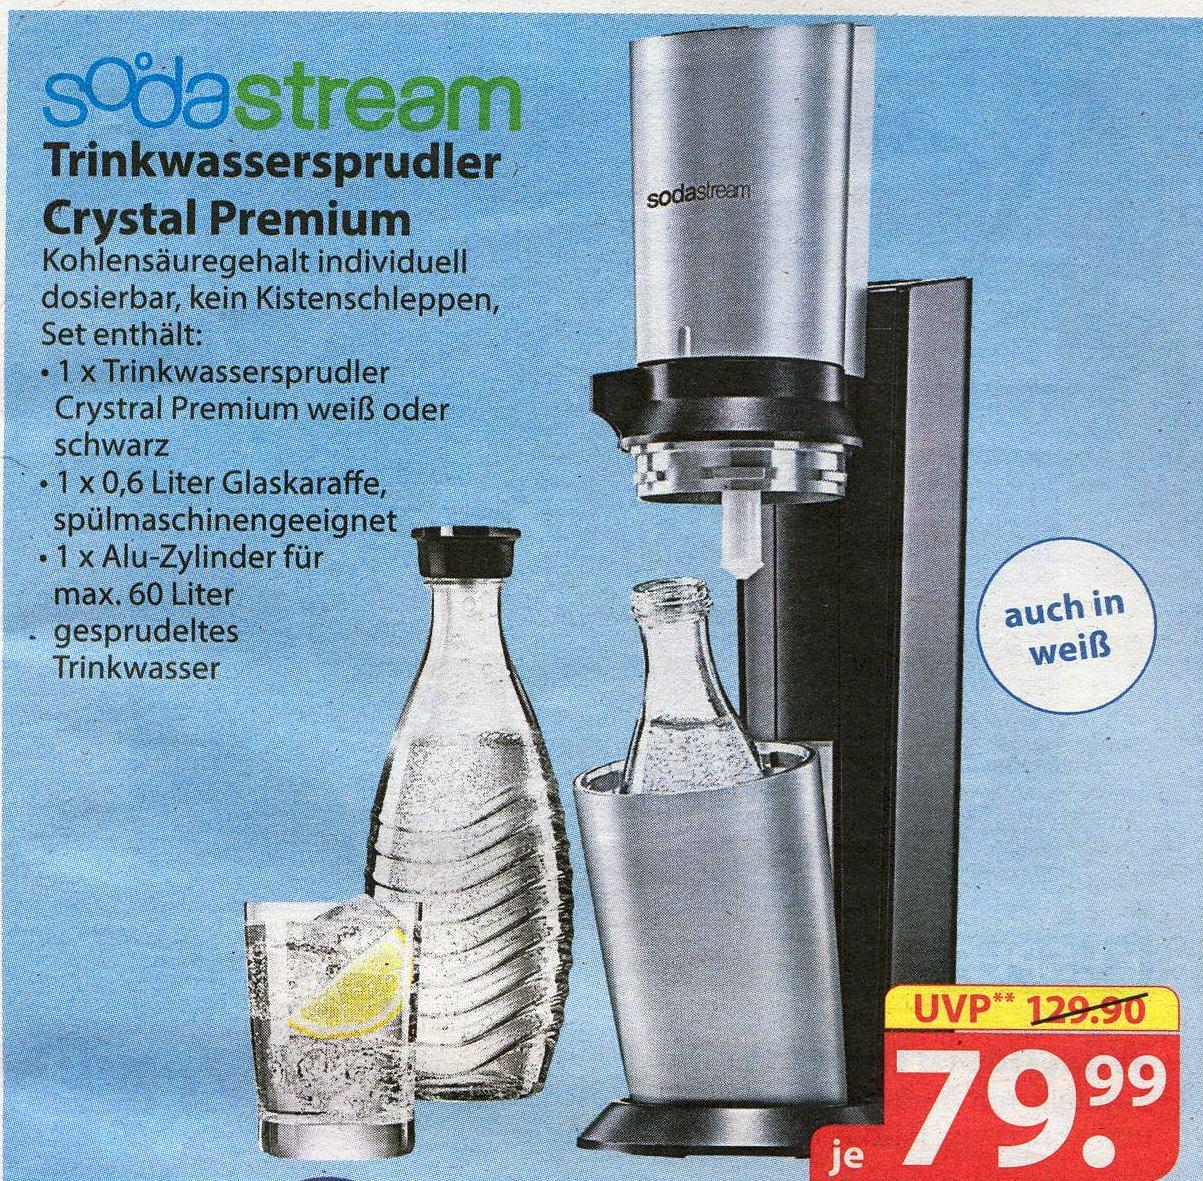 [famila nordost] SodaStream Wassersprudler Crystal Premium für 79,99 € inkl. 1 x 0,6L Glaskaraffe und CO2-Zylinder